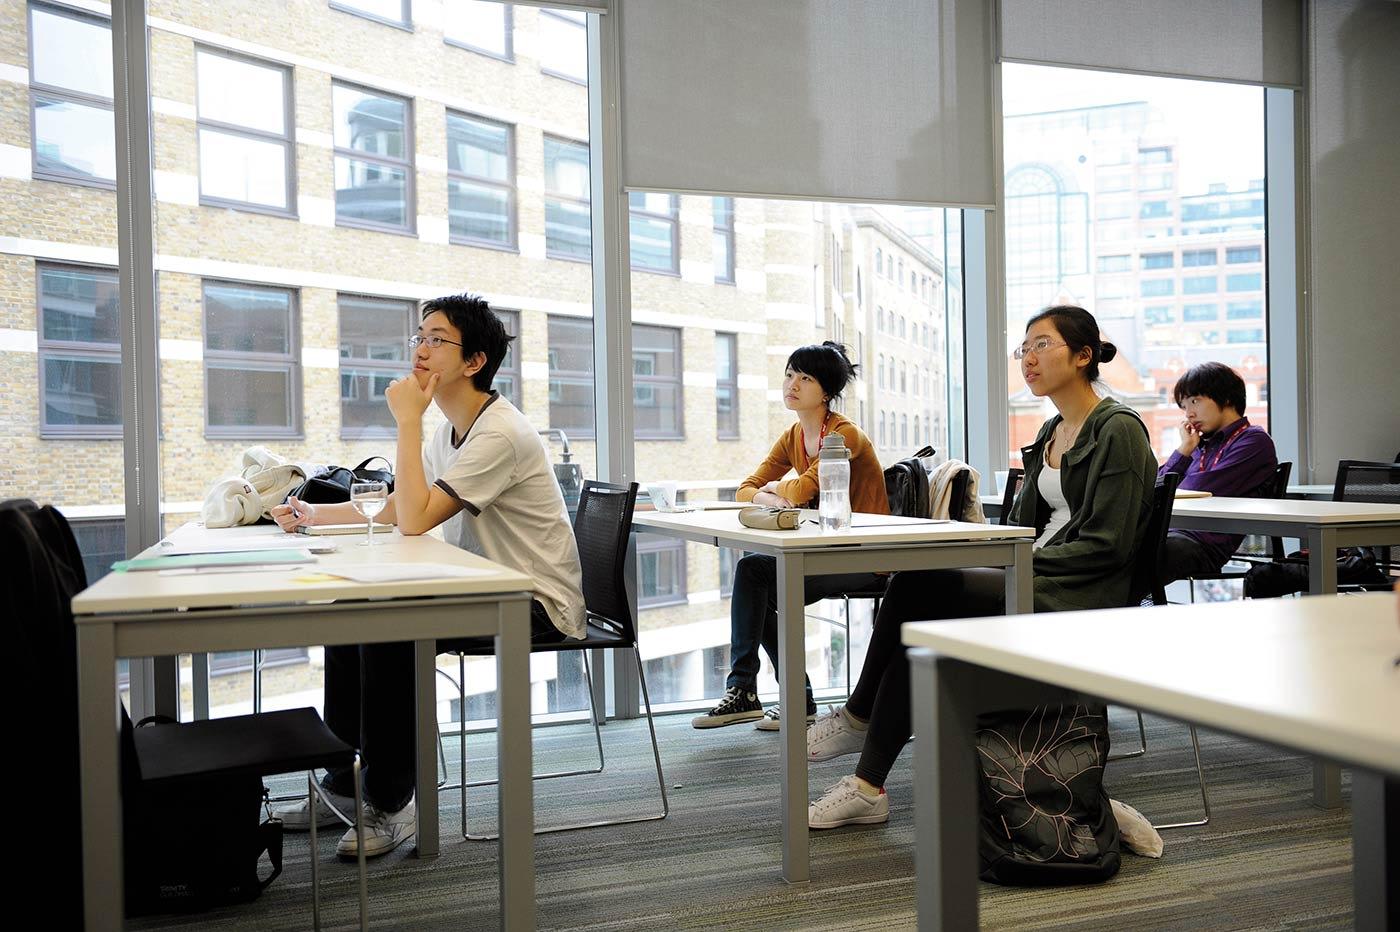 تم العرض على 96٪ من طلاب السنة الأولى في مركز INTO مكانًا في جامعة إيست أنجليا في عام 2013